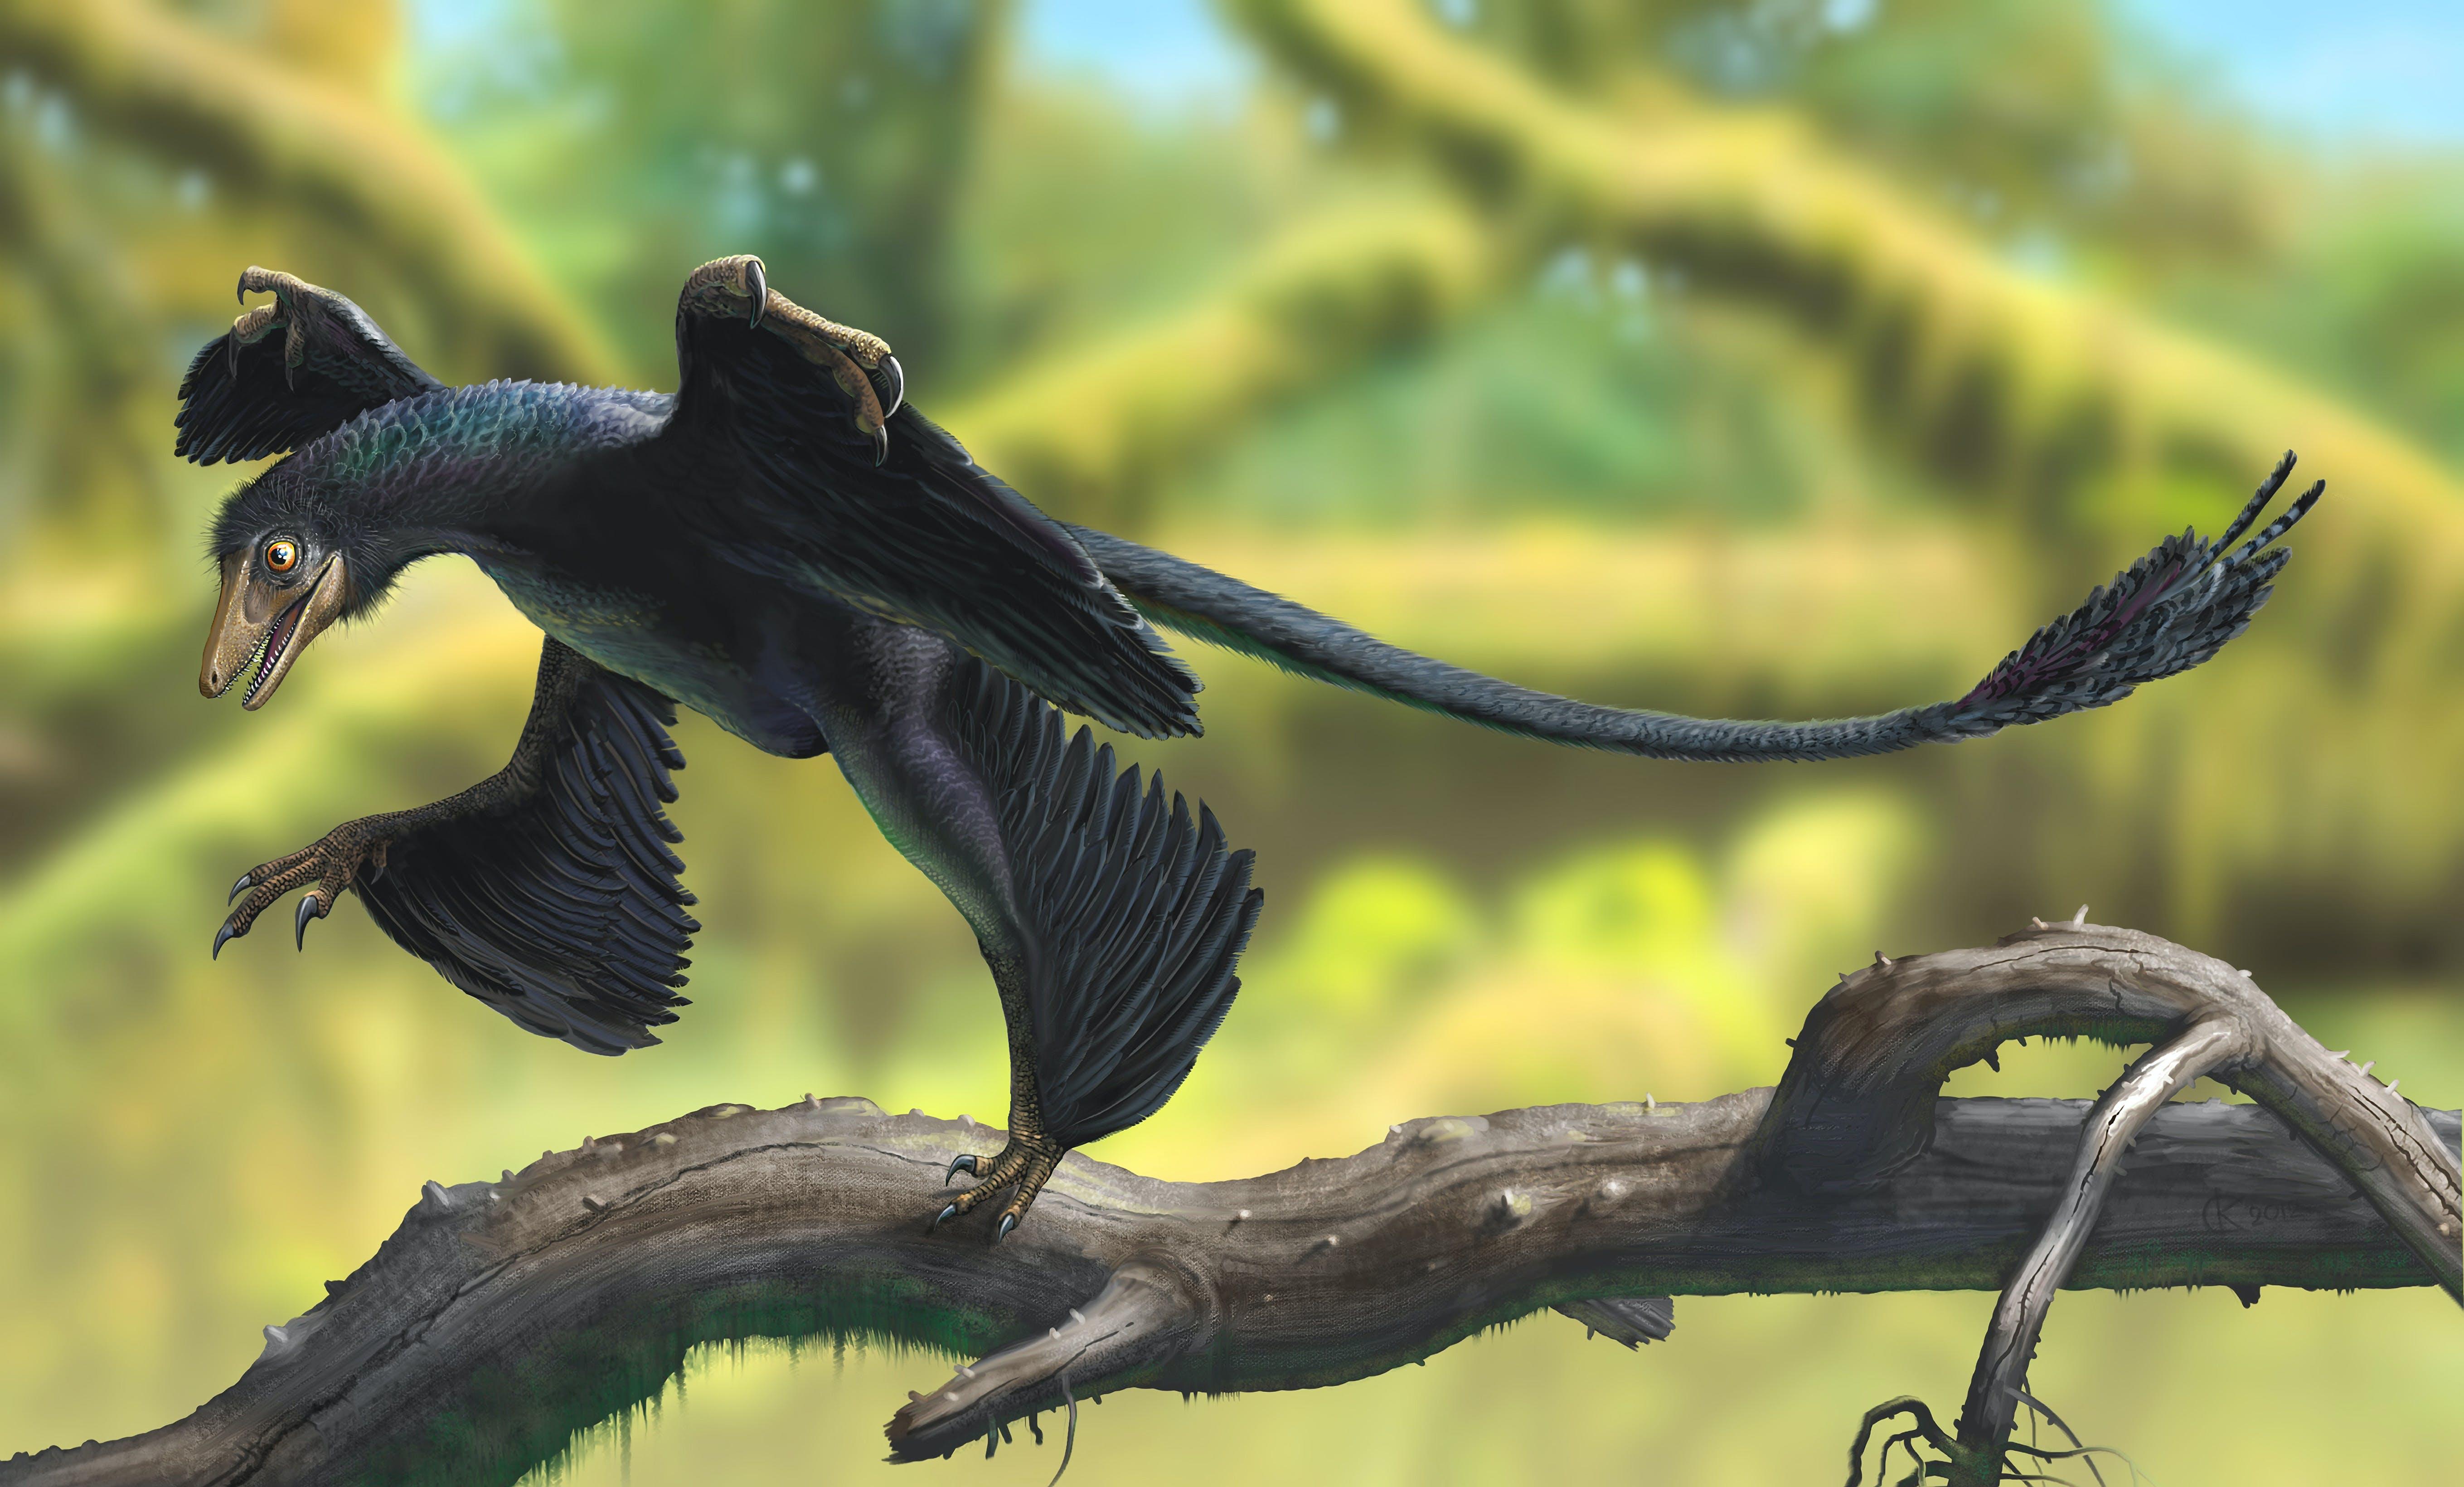 Mircroraptor